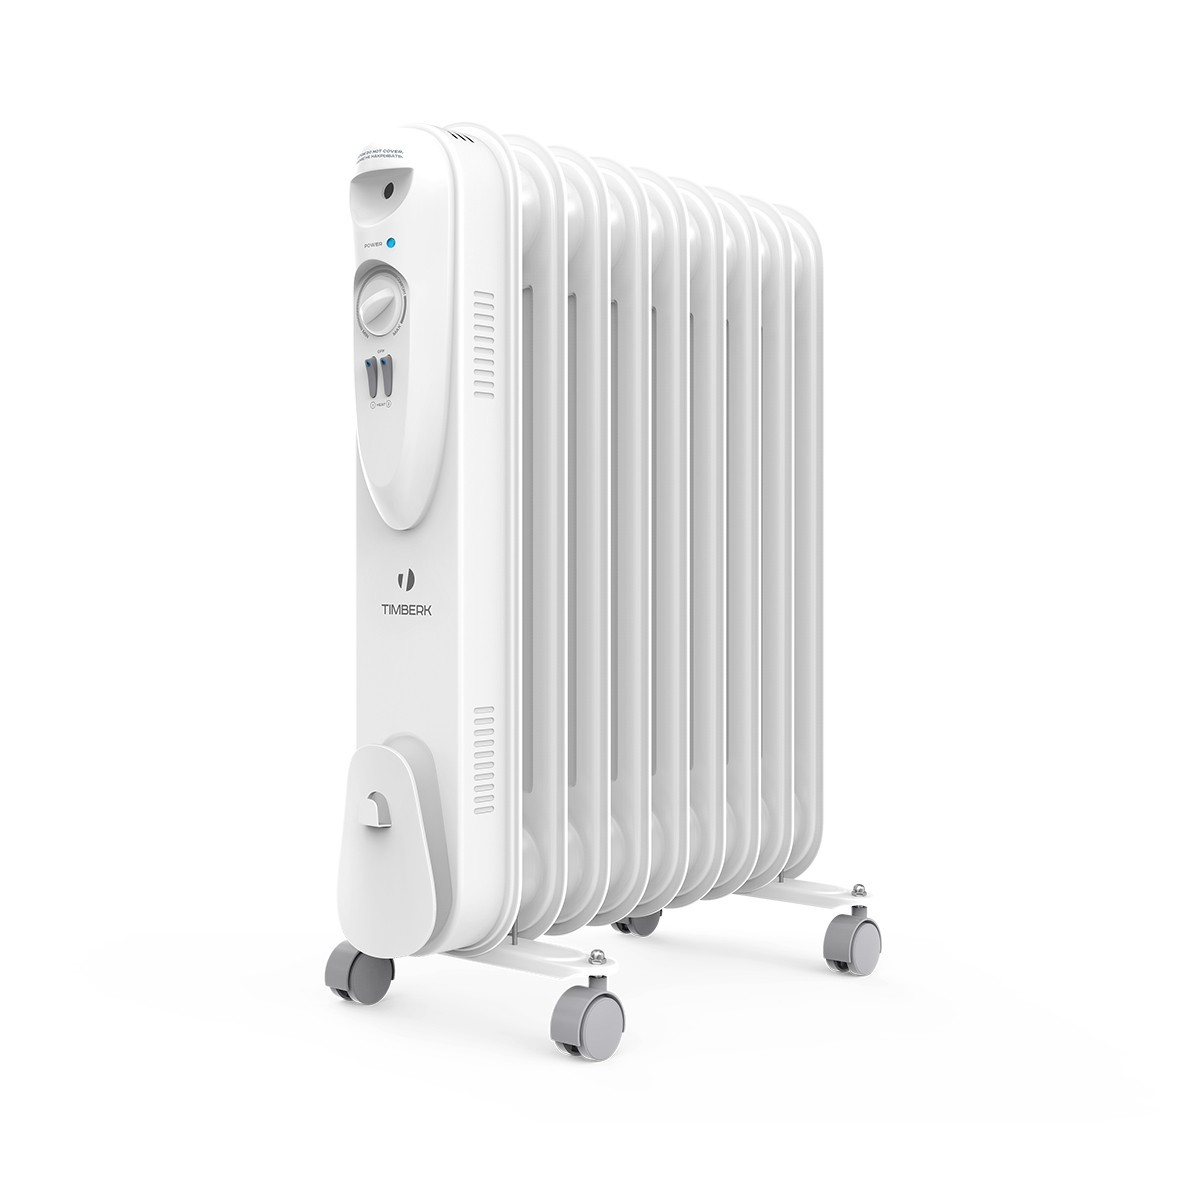 Масляный радиатор Timberk US TOR 21.1809 SLX, ULTRA SLIM дизайн, 9 секций, 1800 Вт., защита от протечек масла, высокоточный термостат